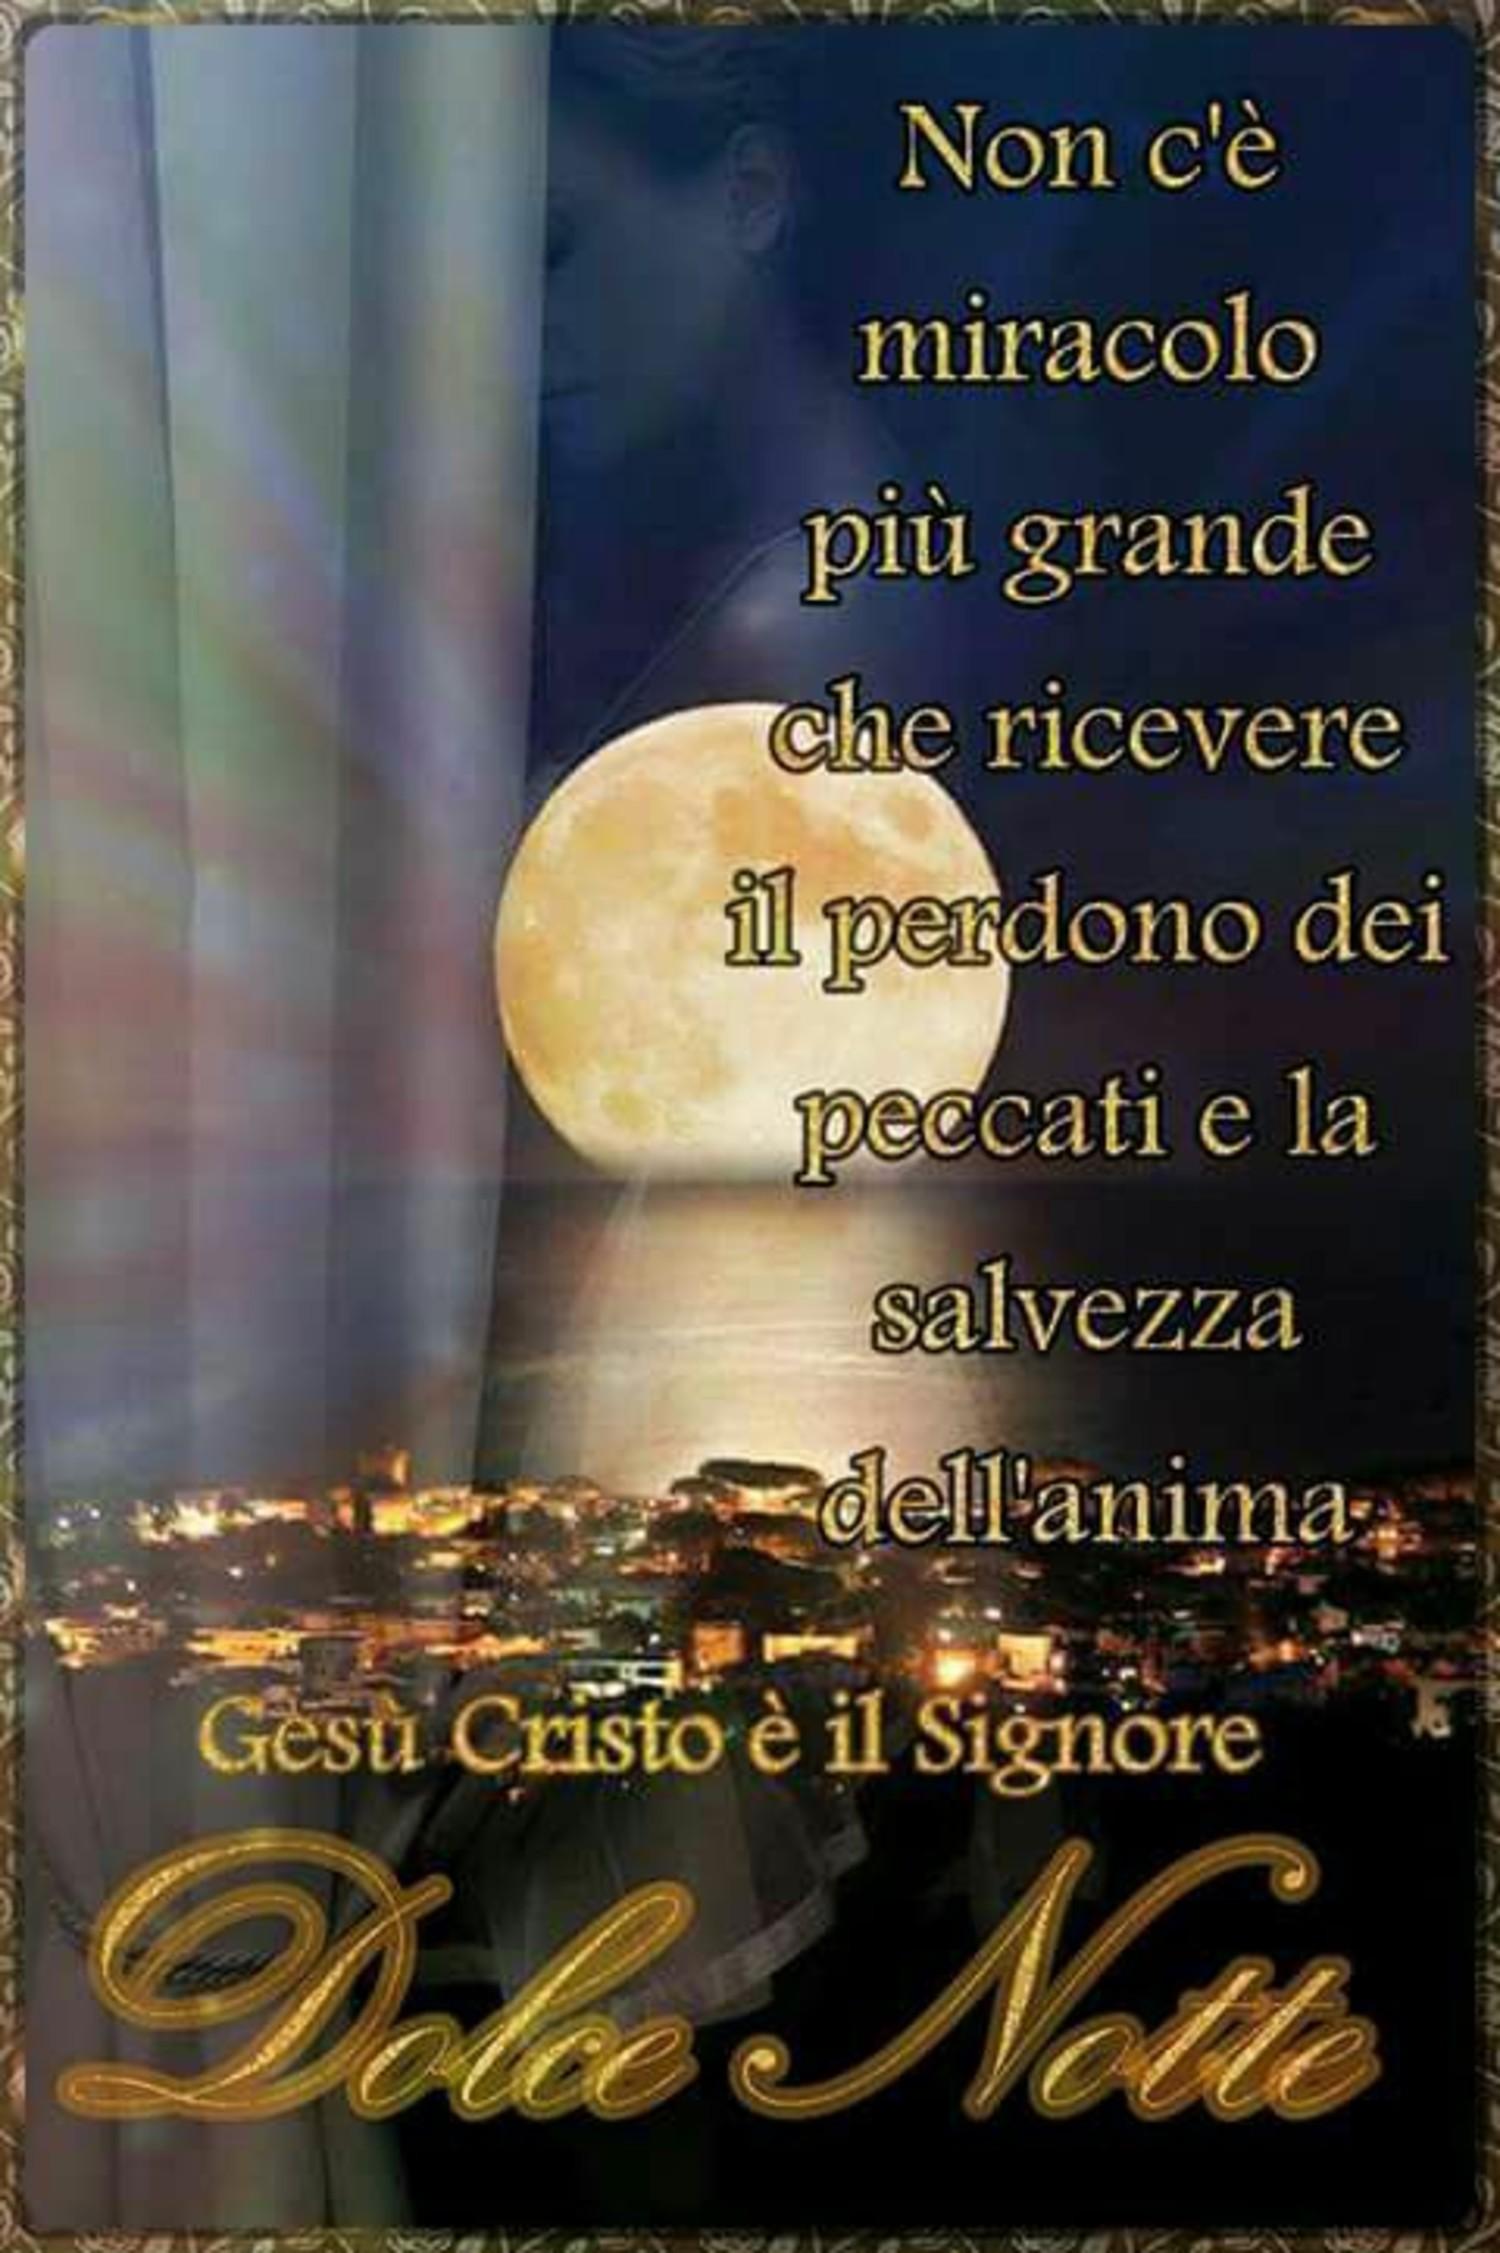 Buonanotte Immagini Sacre 5993 Buongiornocongesu It